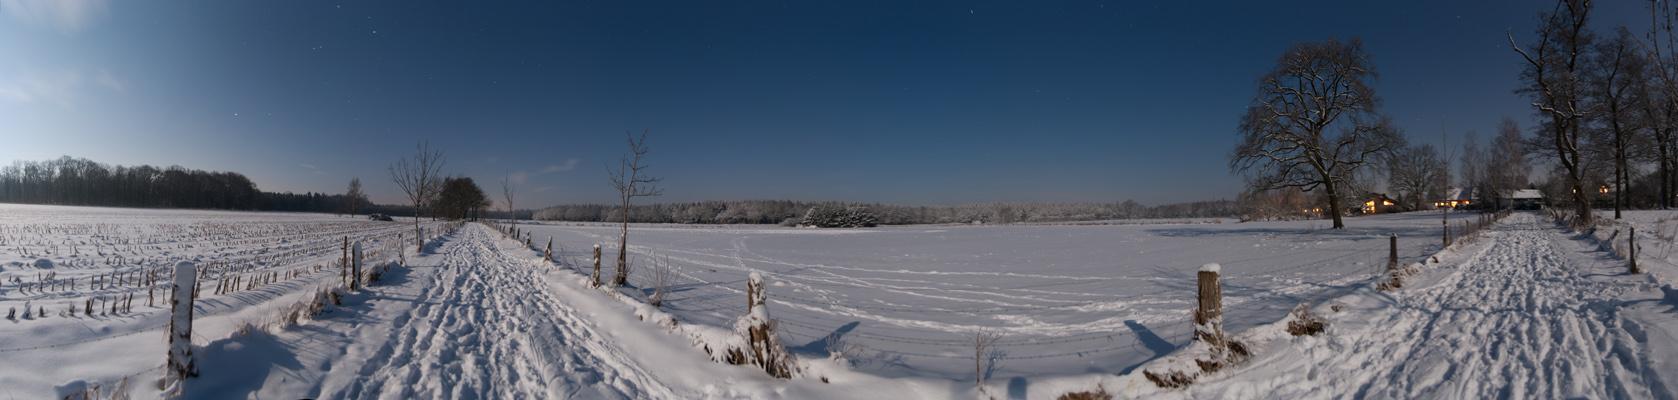 Vollmond -10°C